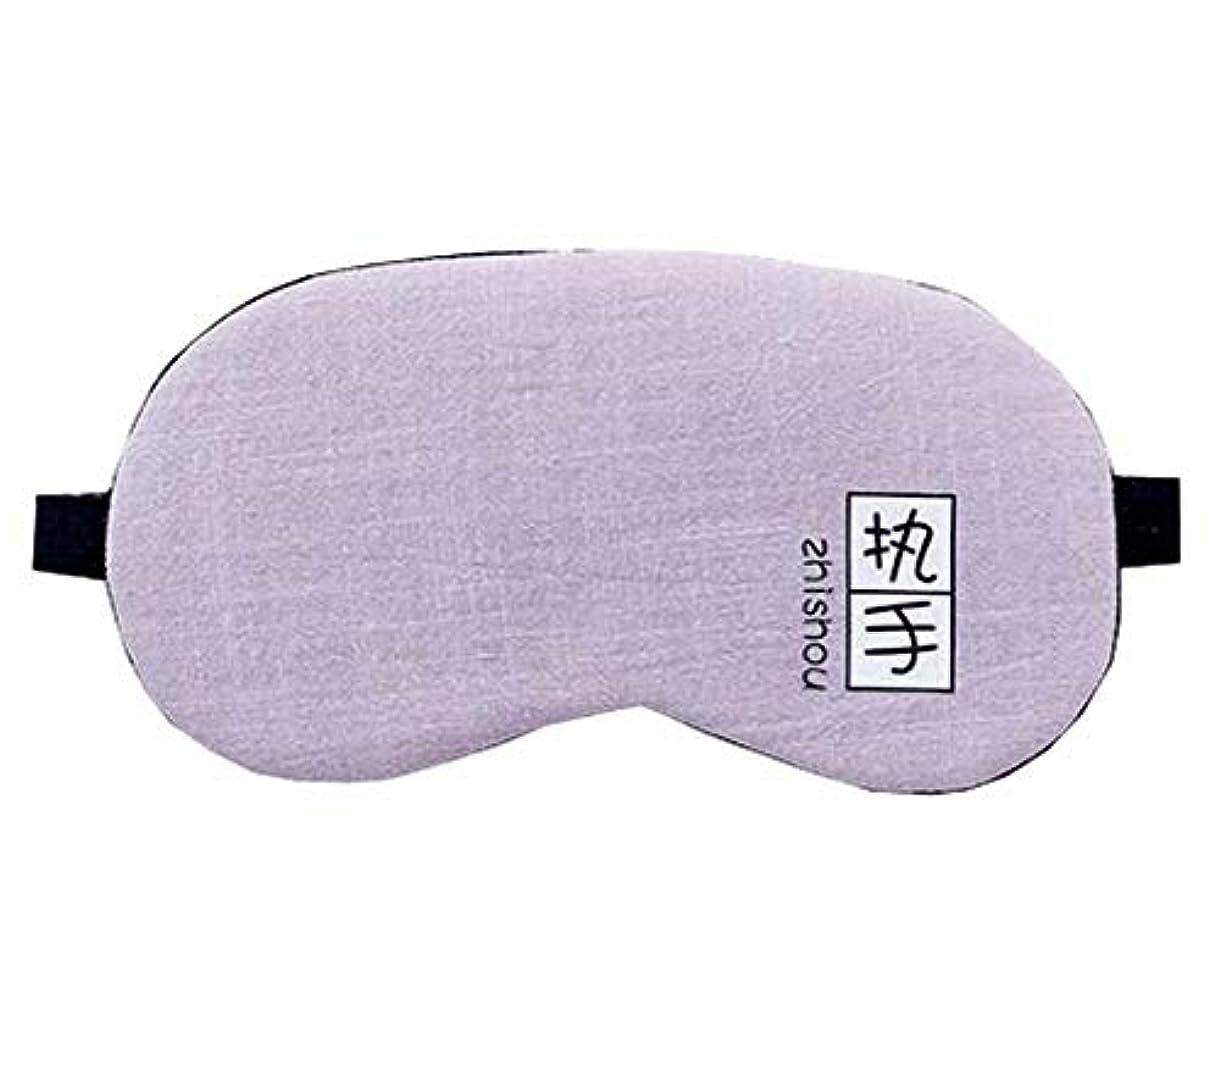 守るマネージャー特異な快適なかわいい目のマスクは、睡眠の作業のための不眠症とストレスを軽減し、C